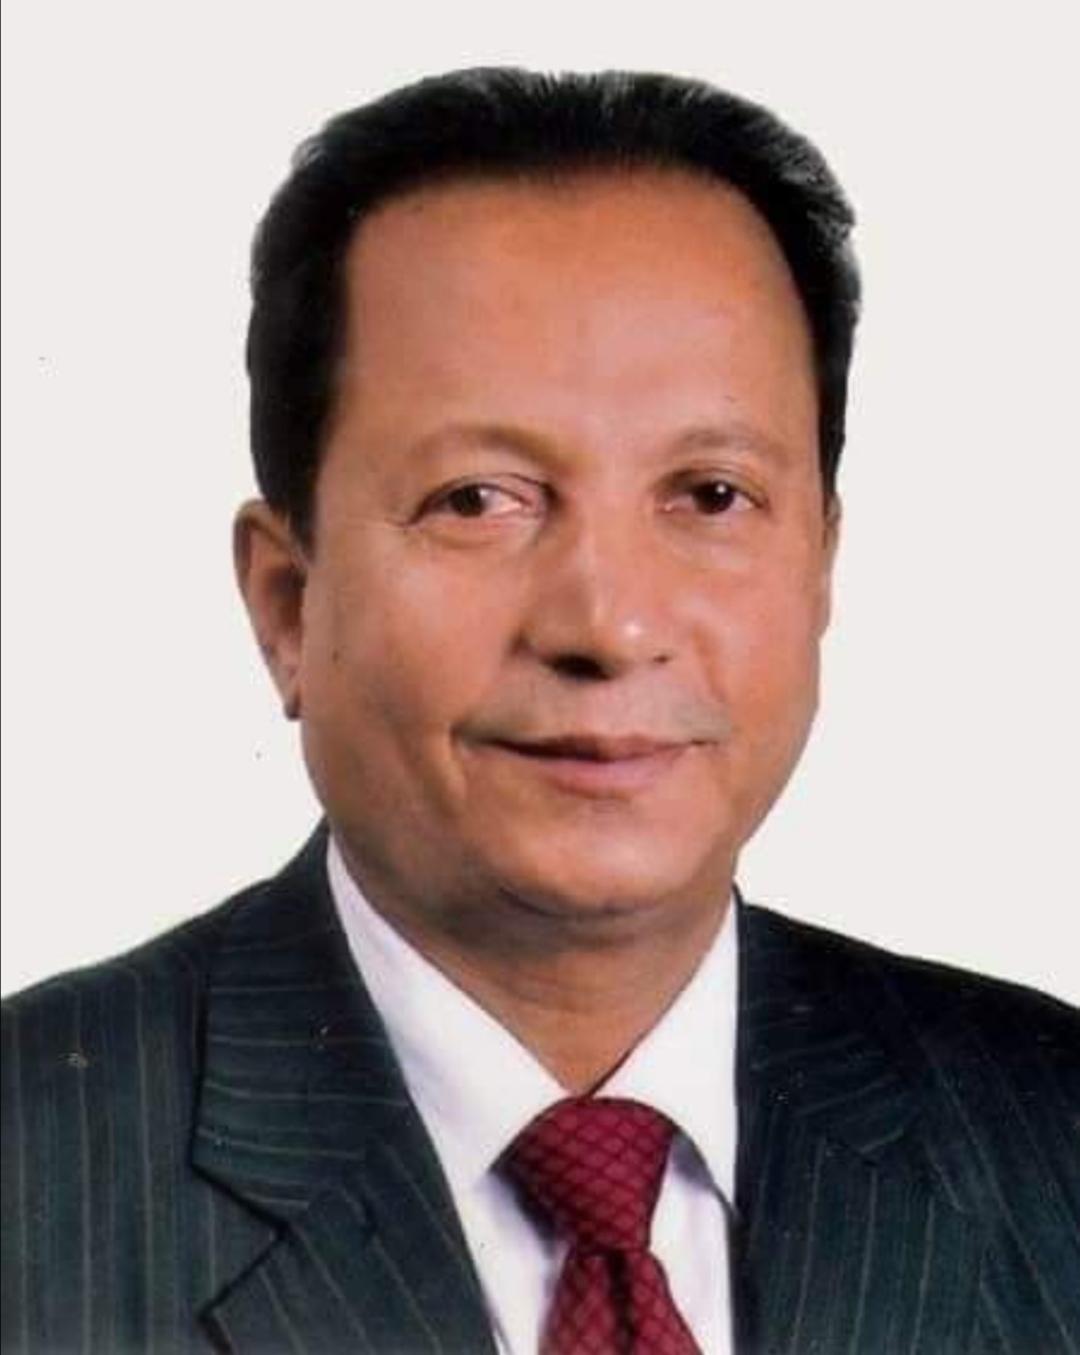 বিএনপি'র আইনজীবি সানাউল্লাহ মিয়ার এন্তেকাল